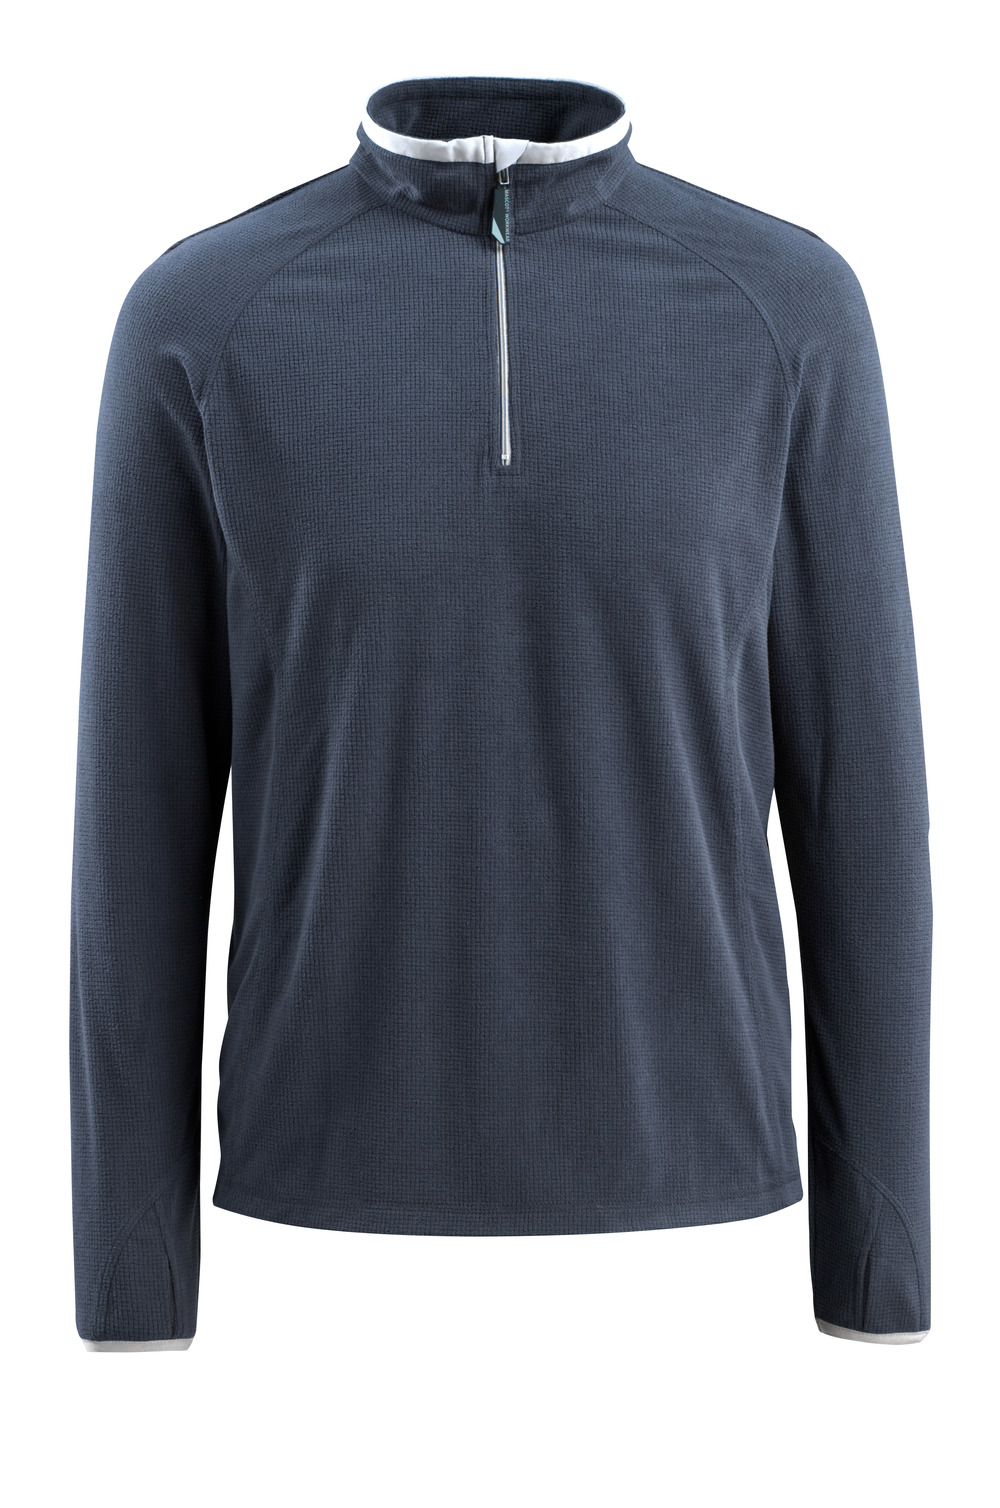 50148-239-010 Jersey polar con media cremallera - azul marino oscuro